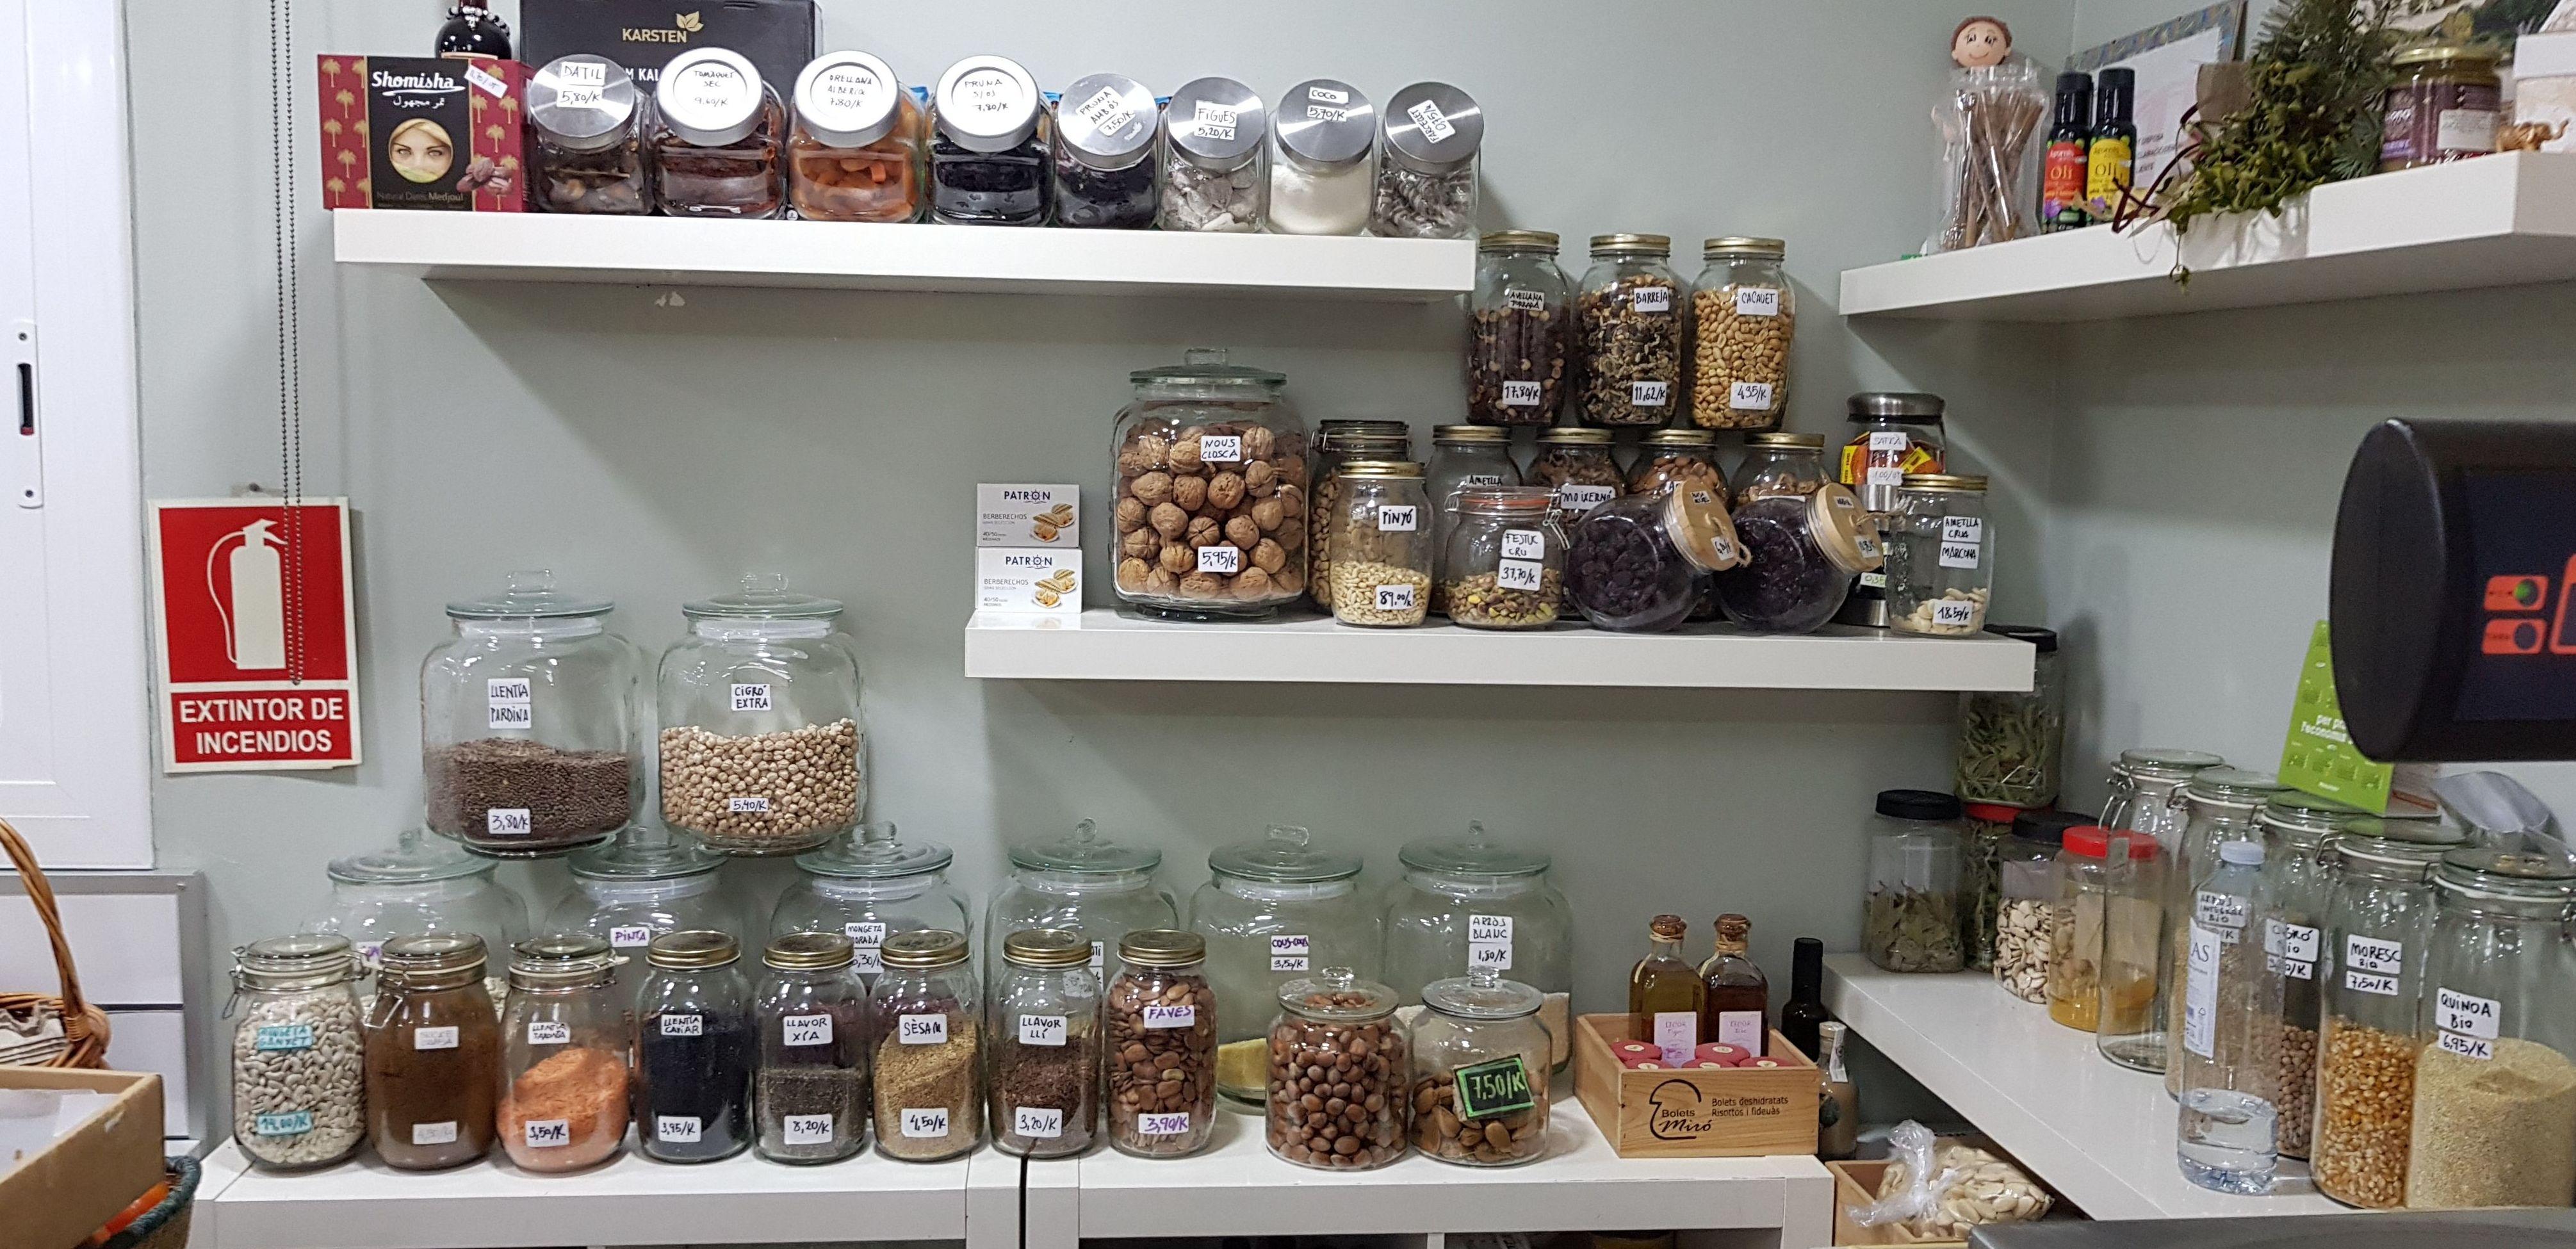 Legumbres, Especias y Frutos Secos a Granel: Productos de Nuestra Tierra de Gust i Colors